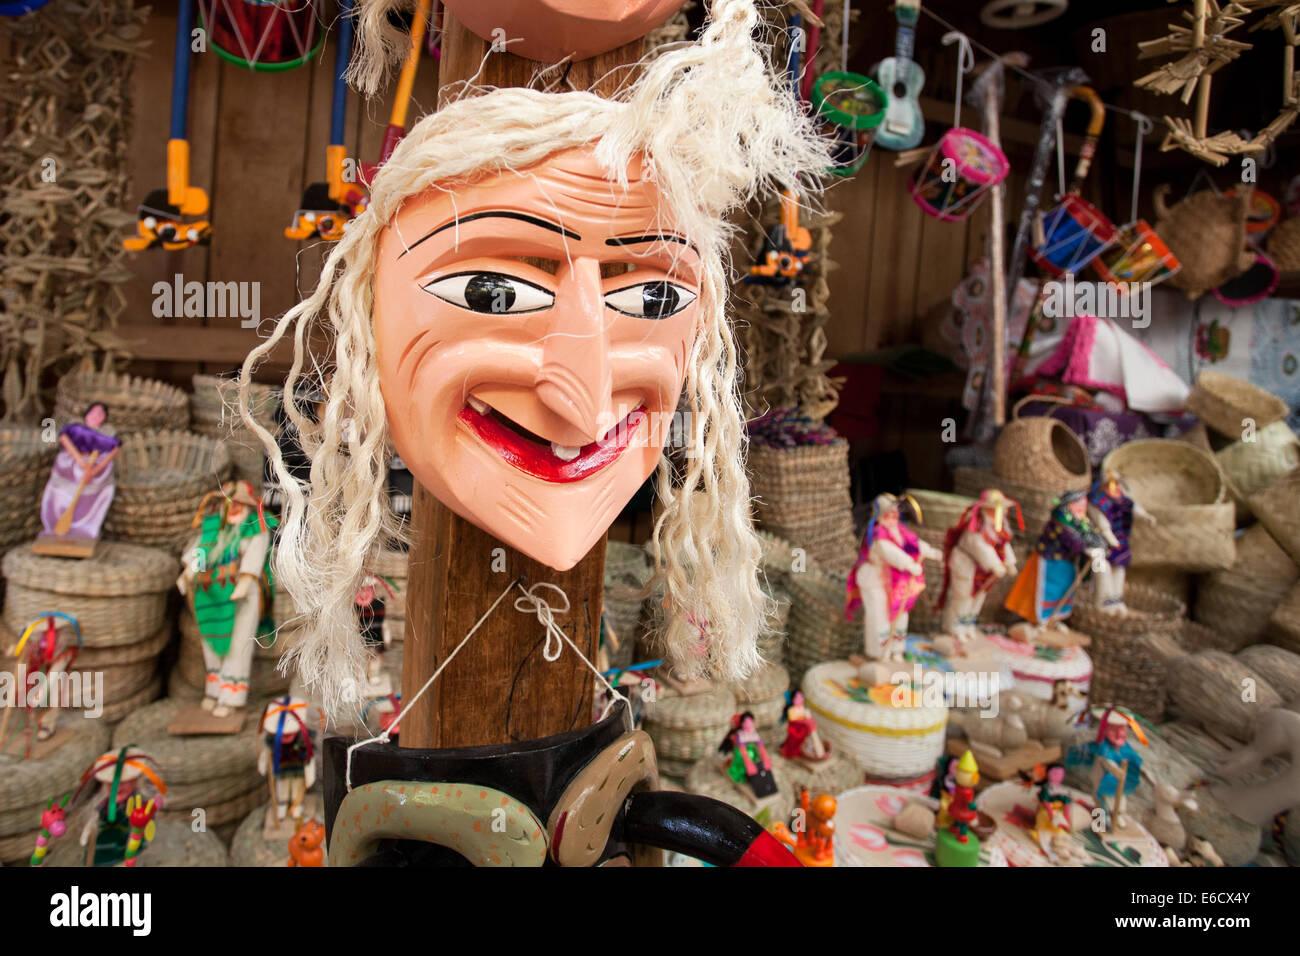 Bit di un brutto giorno per capelli per una maschera che viene utilizzata nel famoso old man's dance in un mercato Immagini Stock